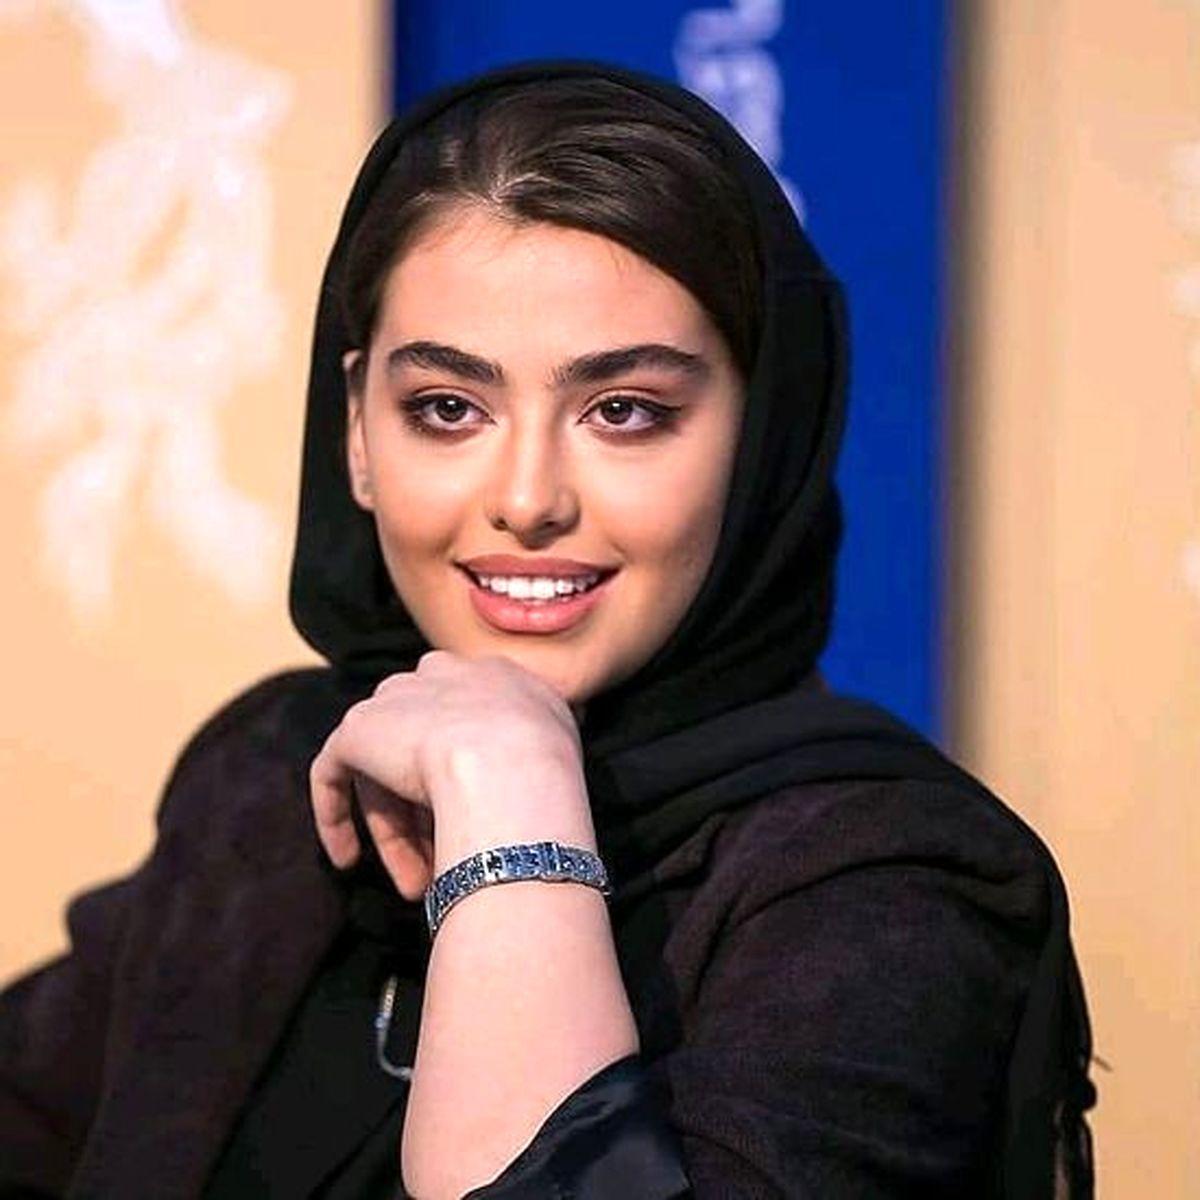 جنجال عکس بی حجاب ریحانه پارسا با دختر مهران غفوریان + عکس و بیوگرافی